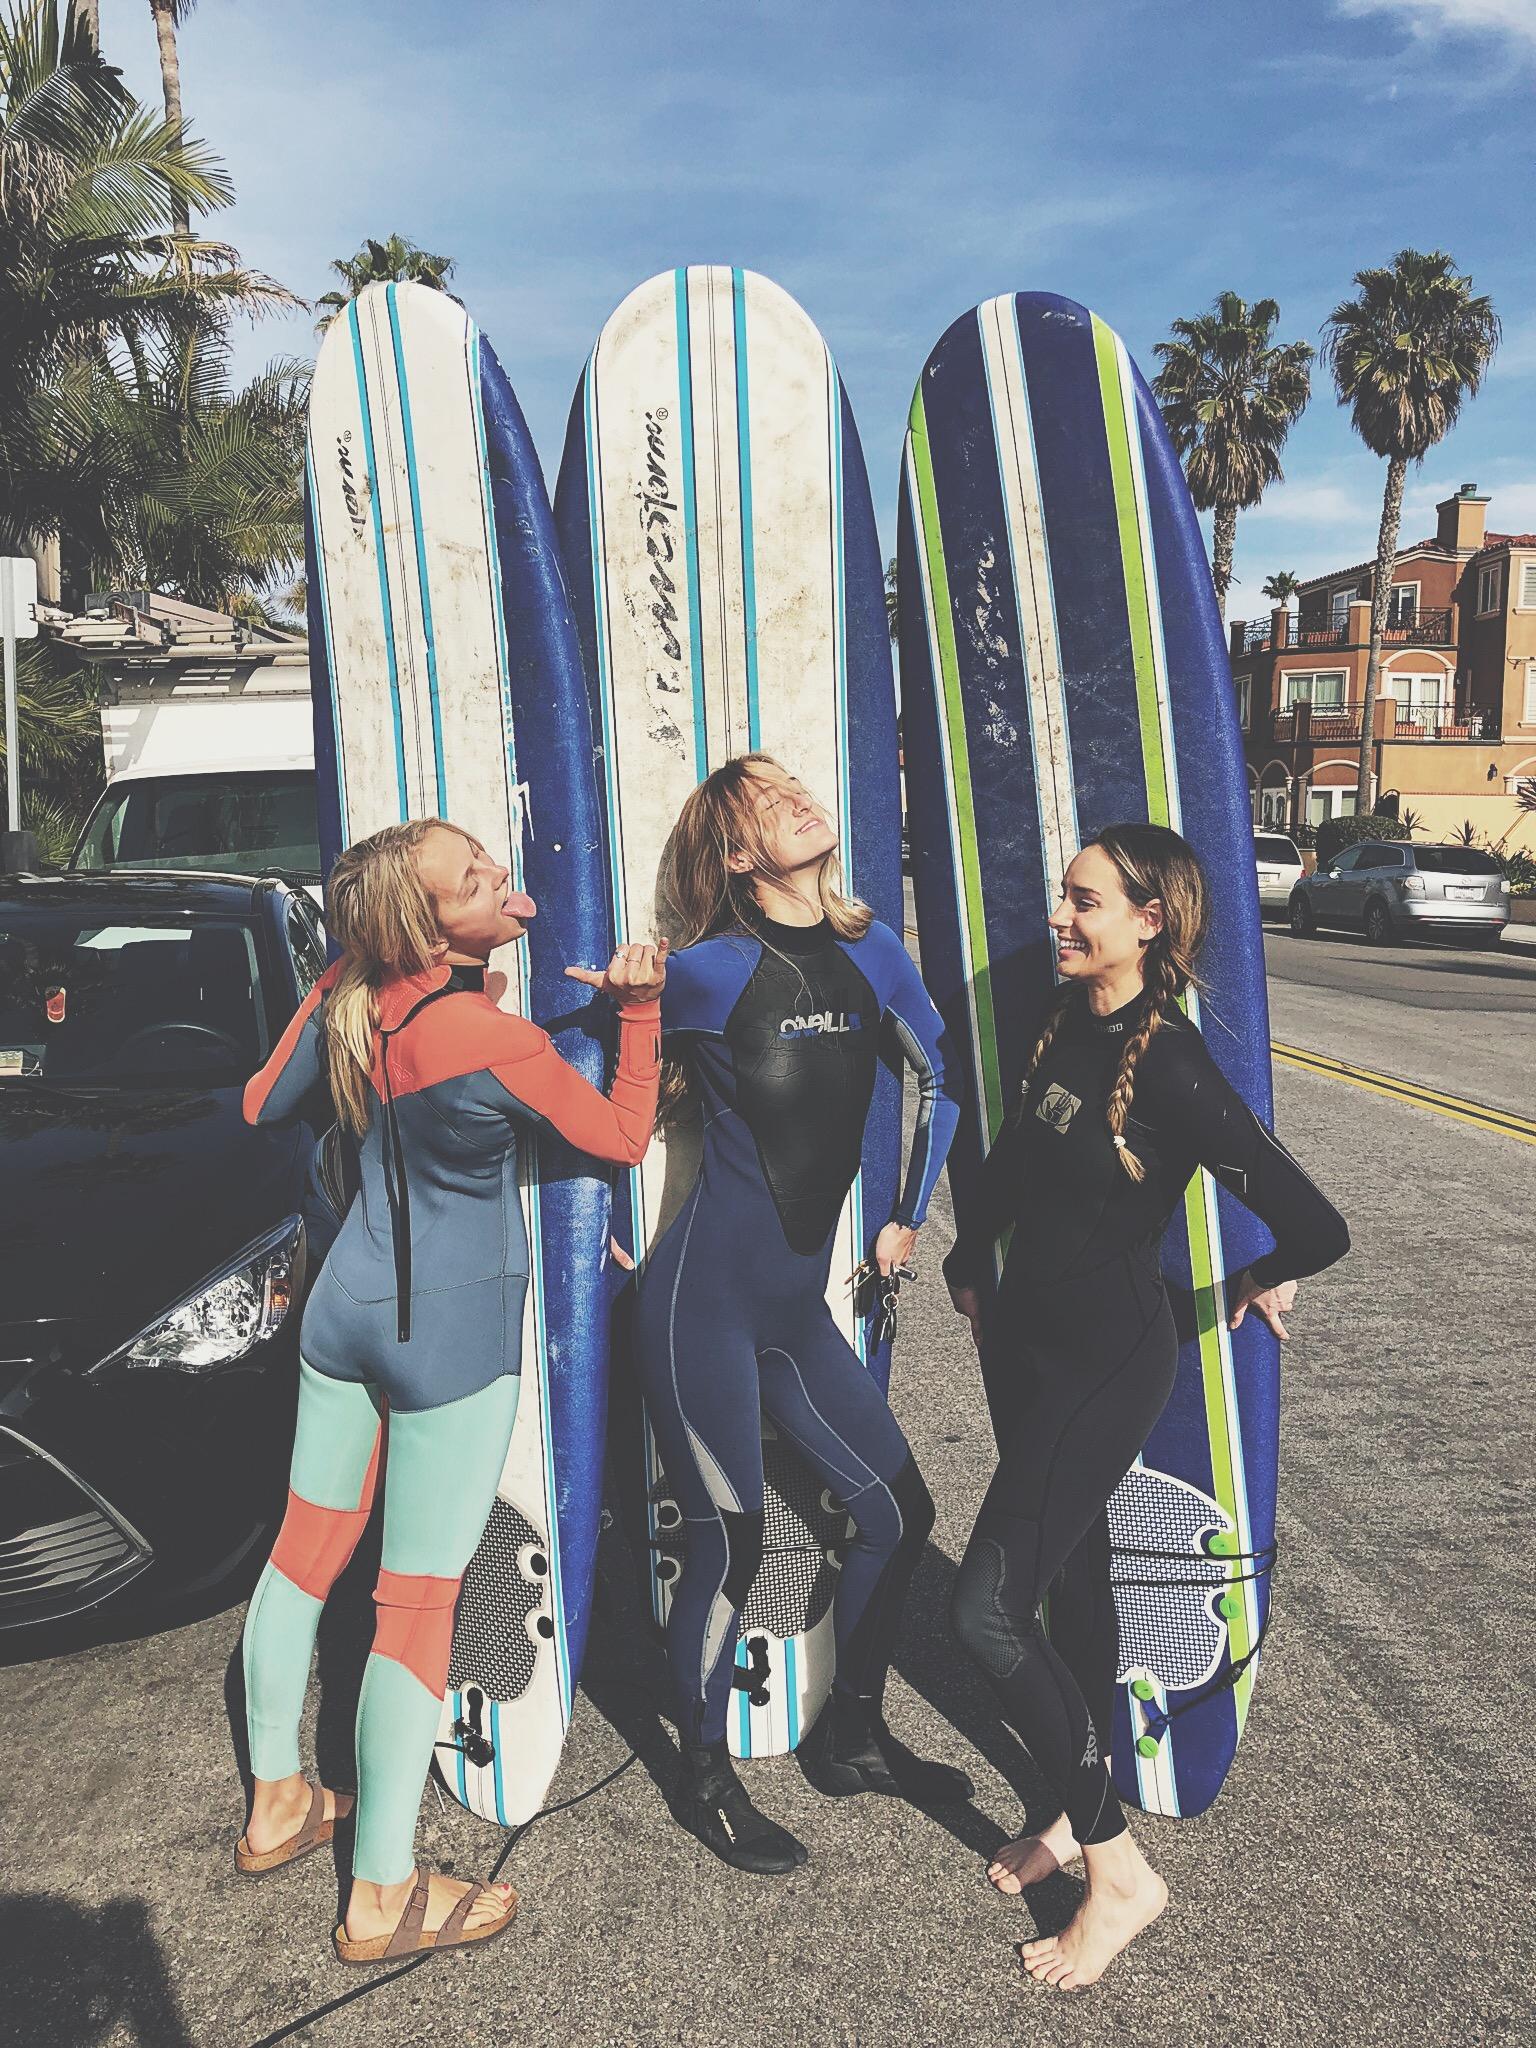 Surf City - Huntington Beach